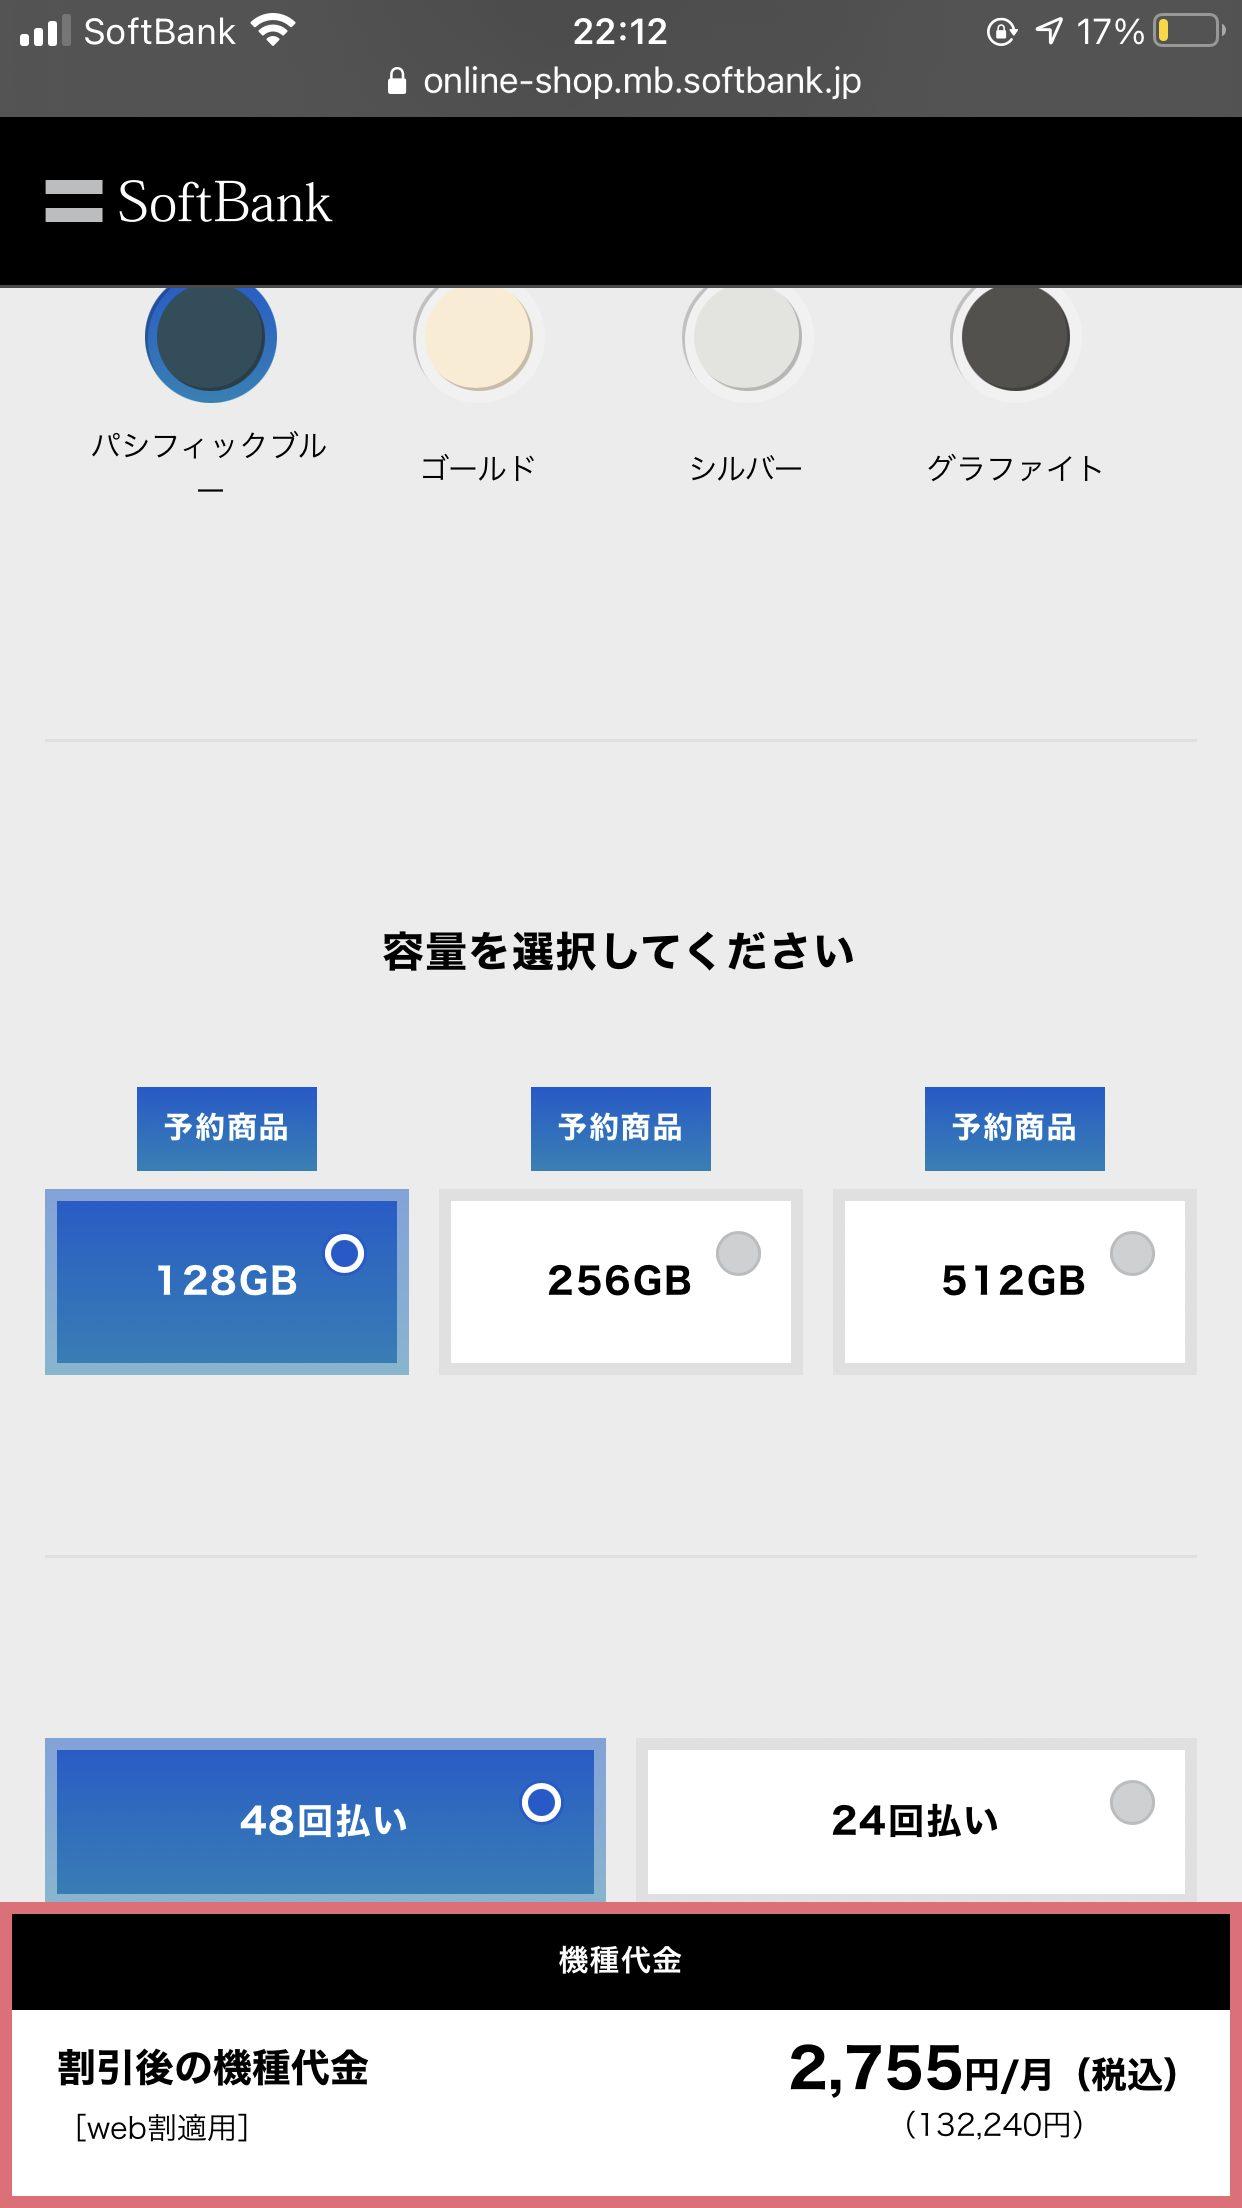 ソフトバンクオンラインショップでiPhone 12購入7